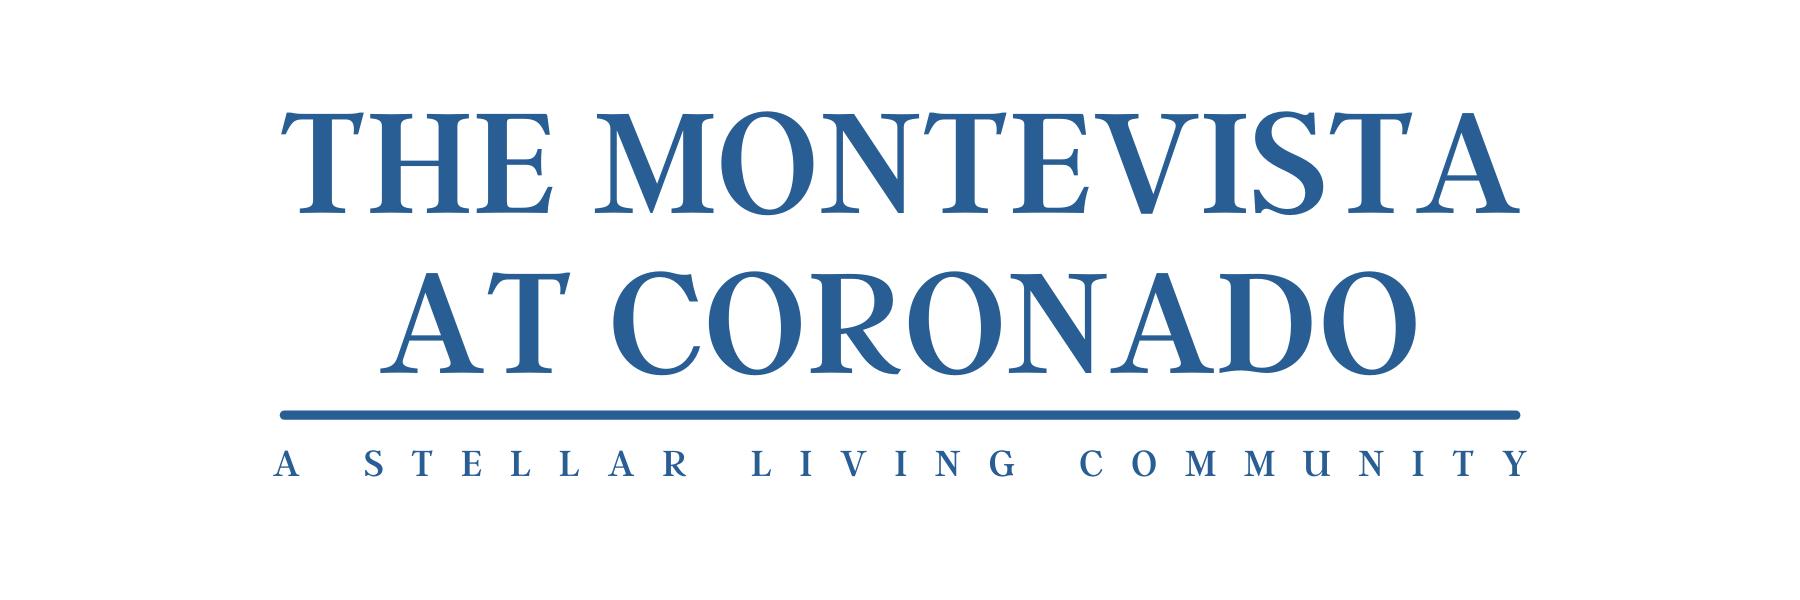 MonteVista at Coronado Logo